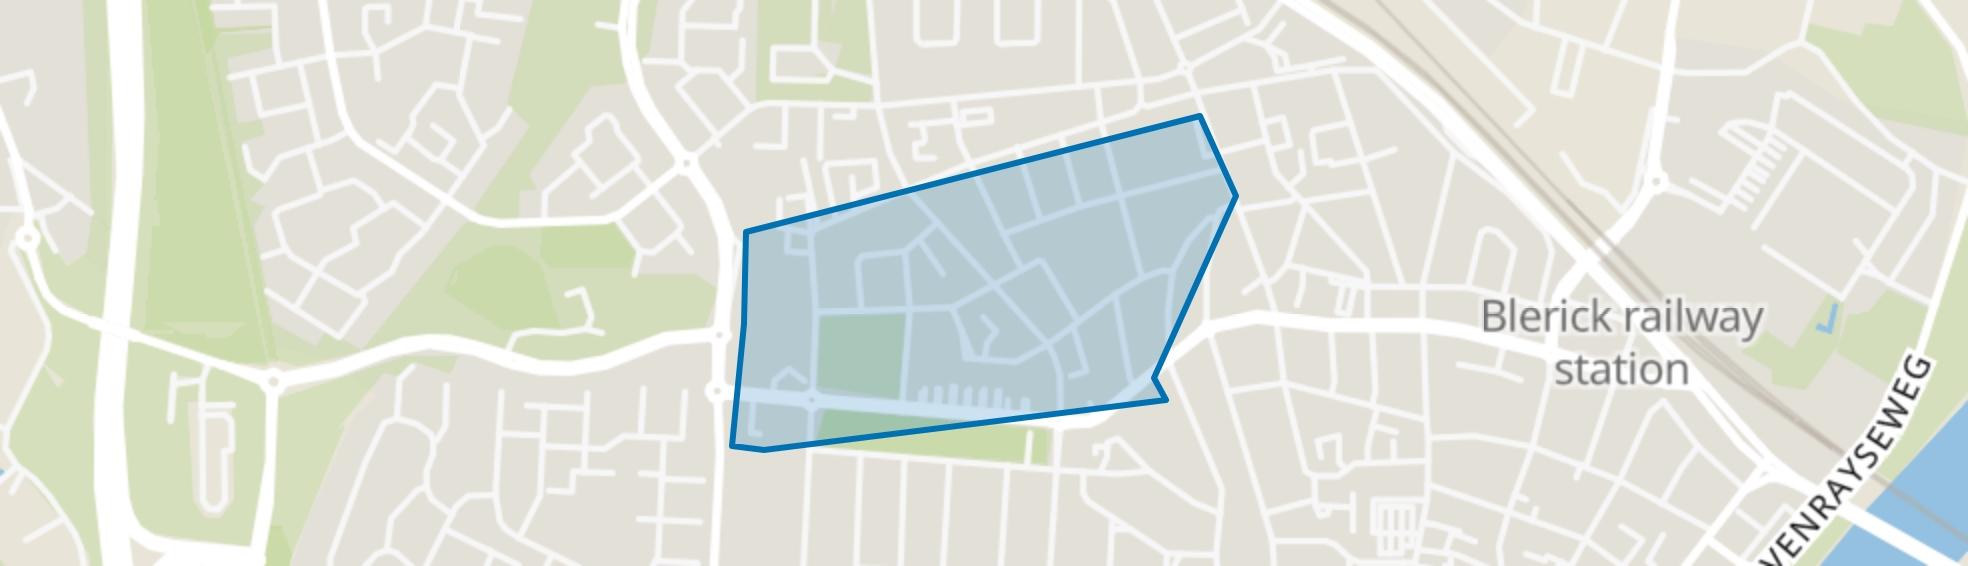 Vastenavondkamp-Zuid, Venlo map